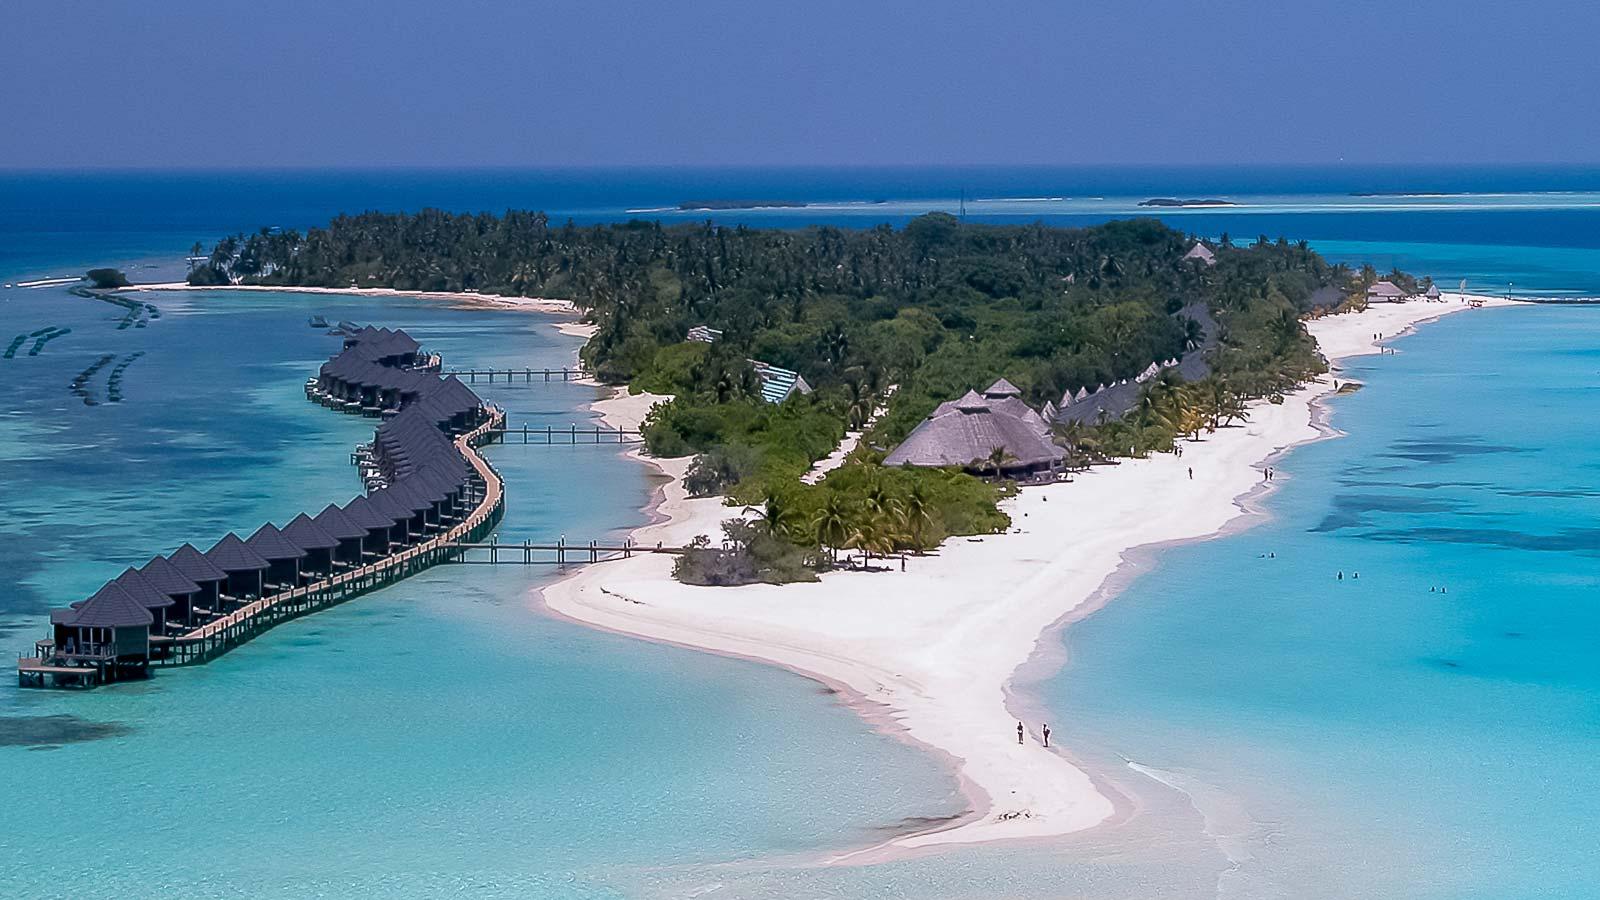 Buceo en maldivas no s lo atolones y palmeras for Hotel en maldivas con restaurante bajo el agua